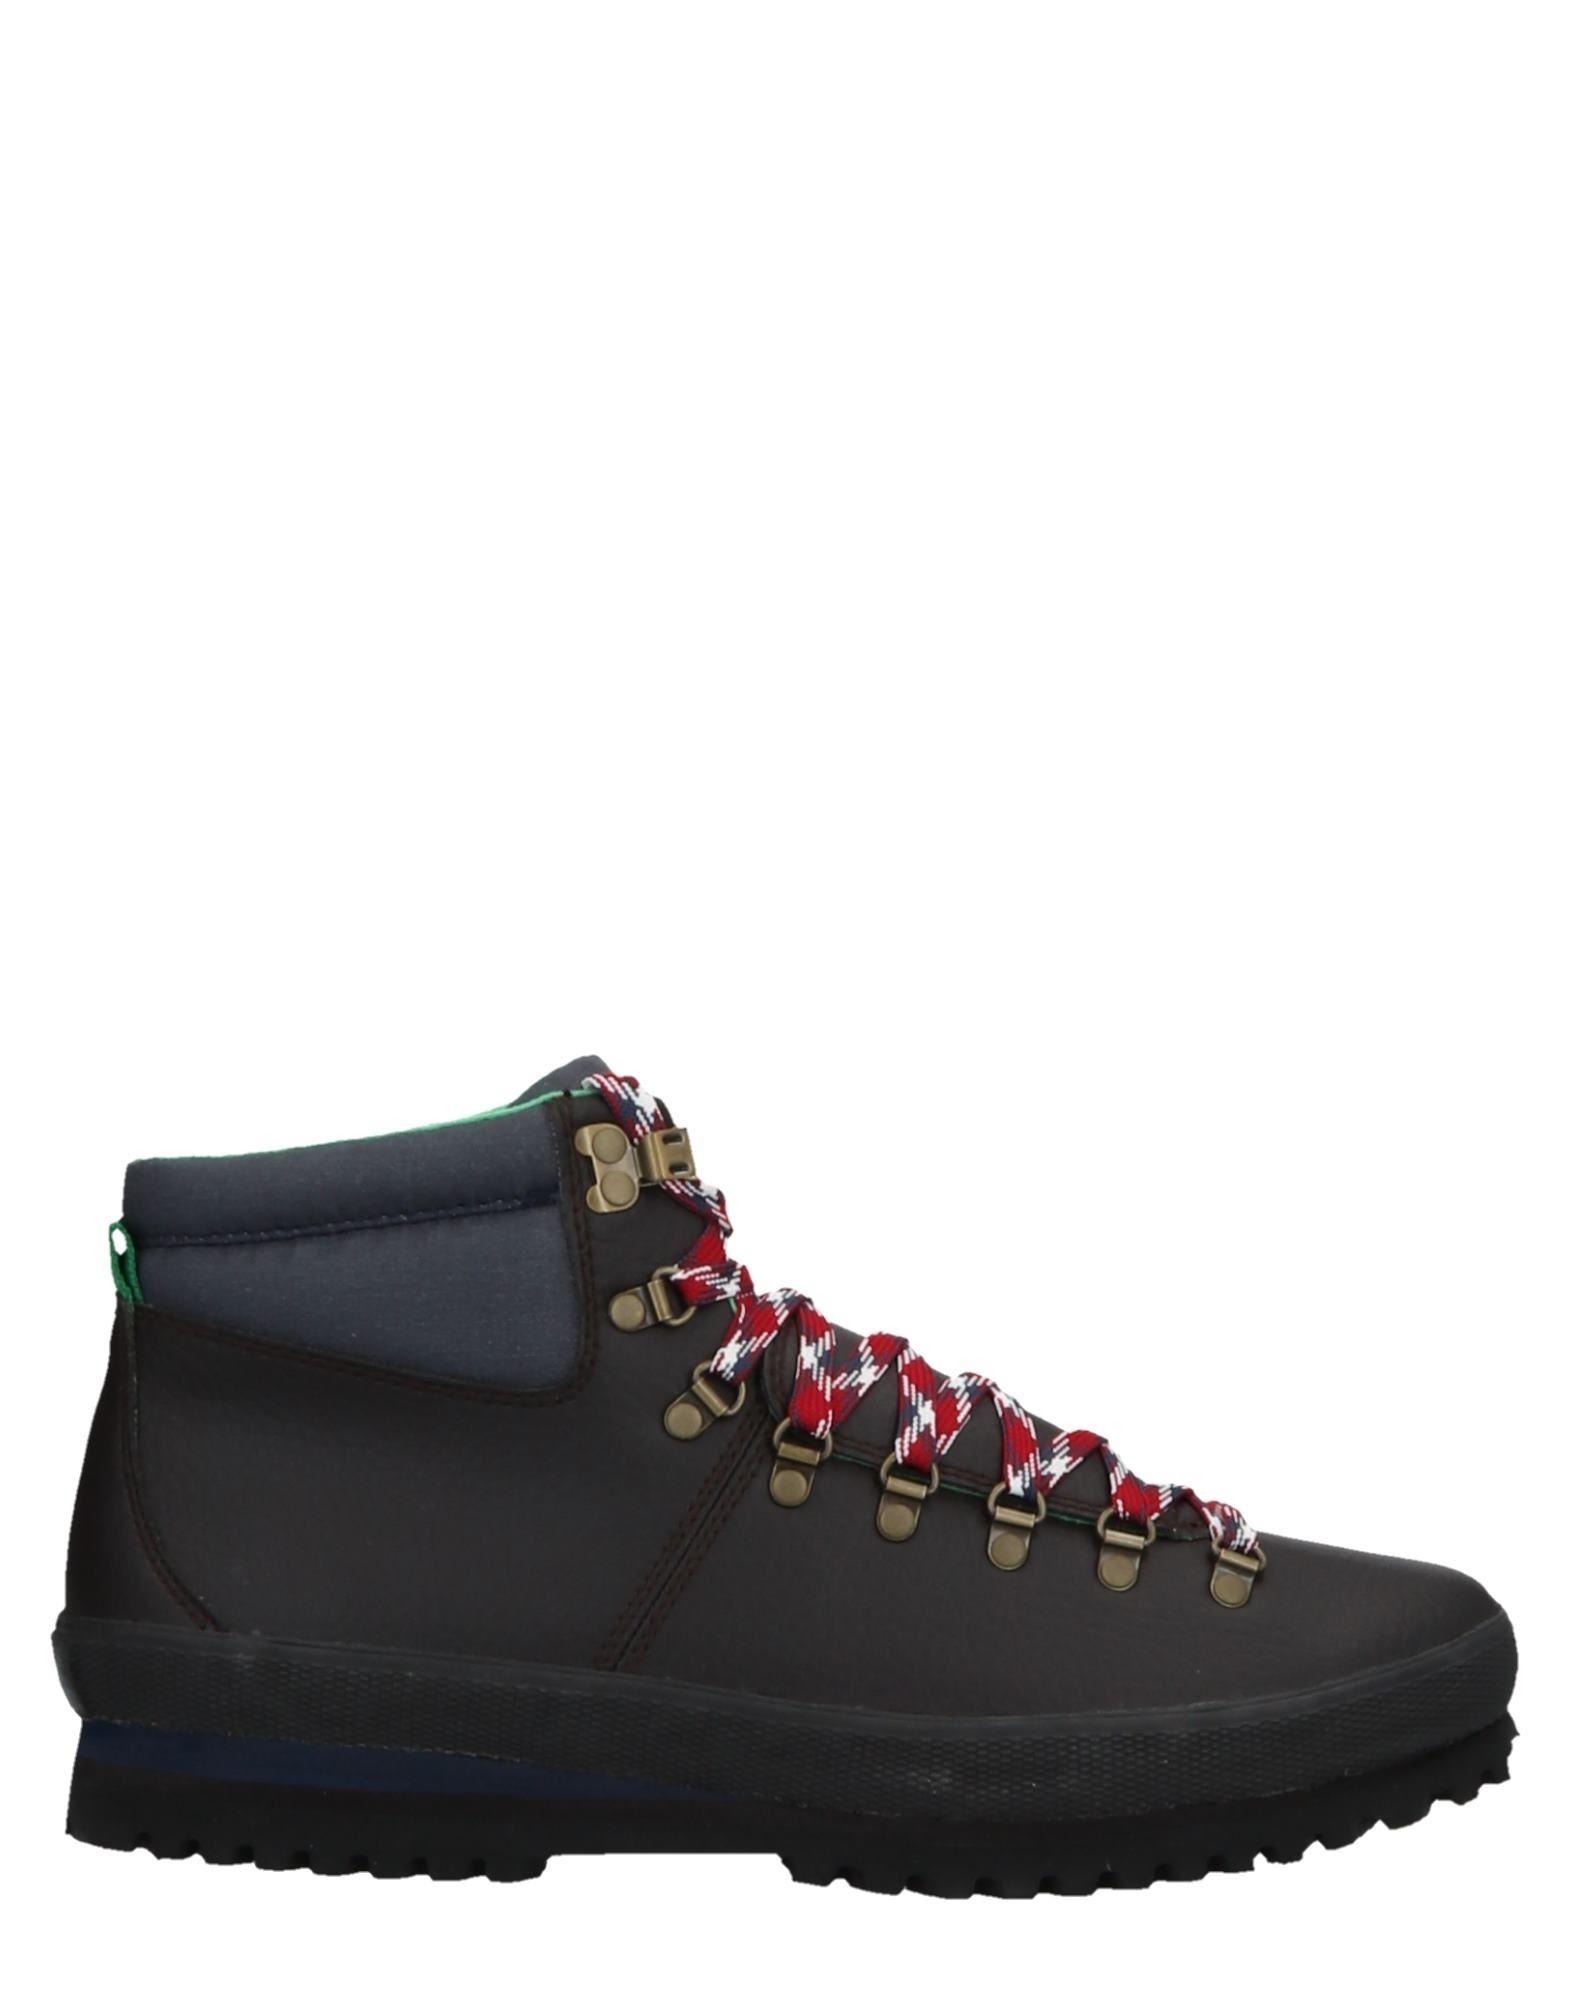 Rabatt echte Schuhe Stiefelette Diesel Stiefelette Schuhe Herren 11519326OS 364fb6